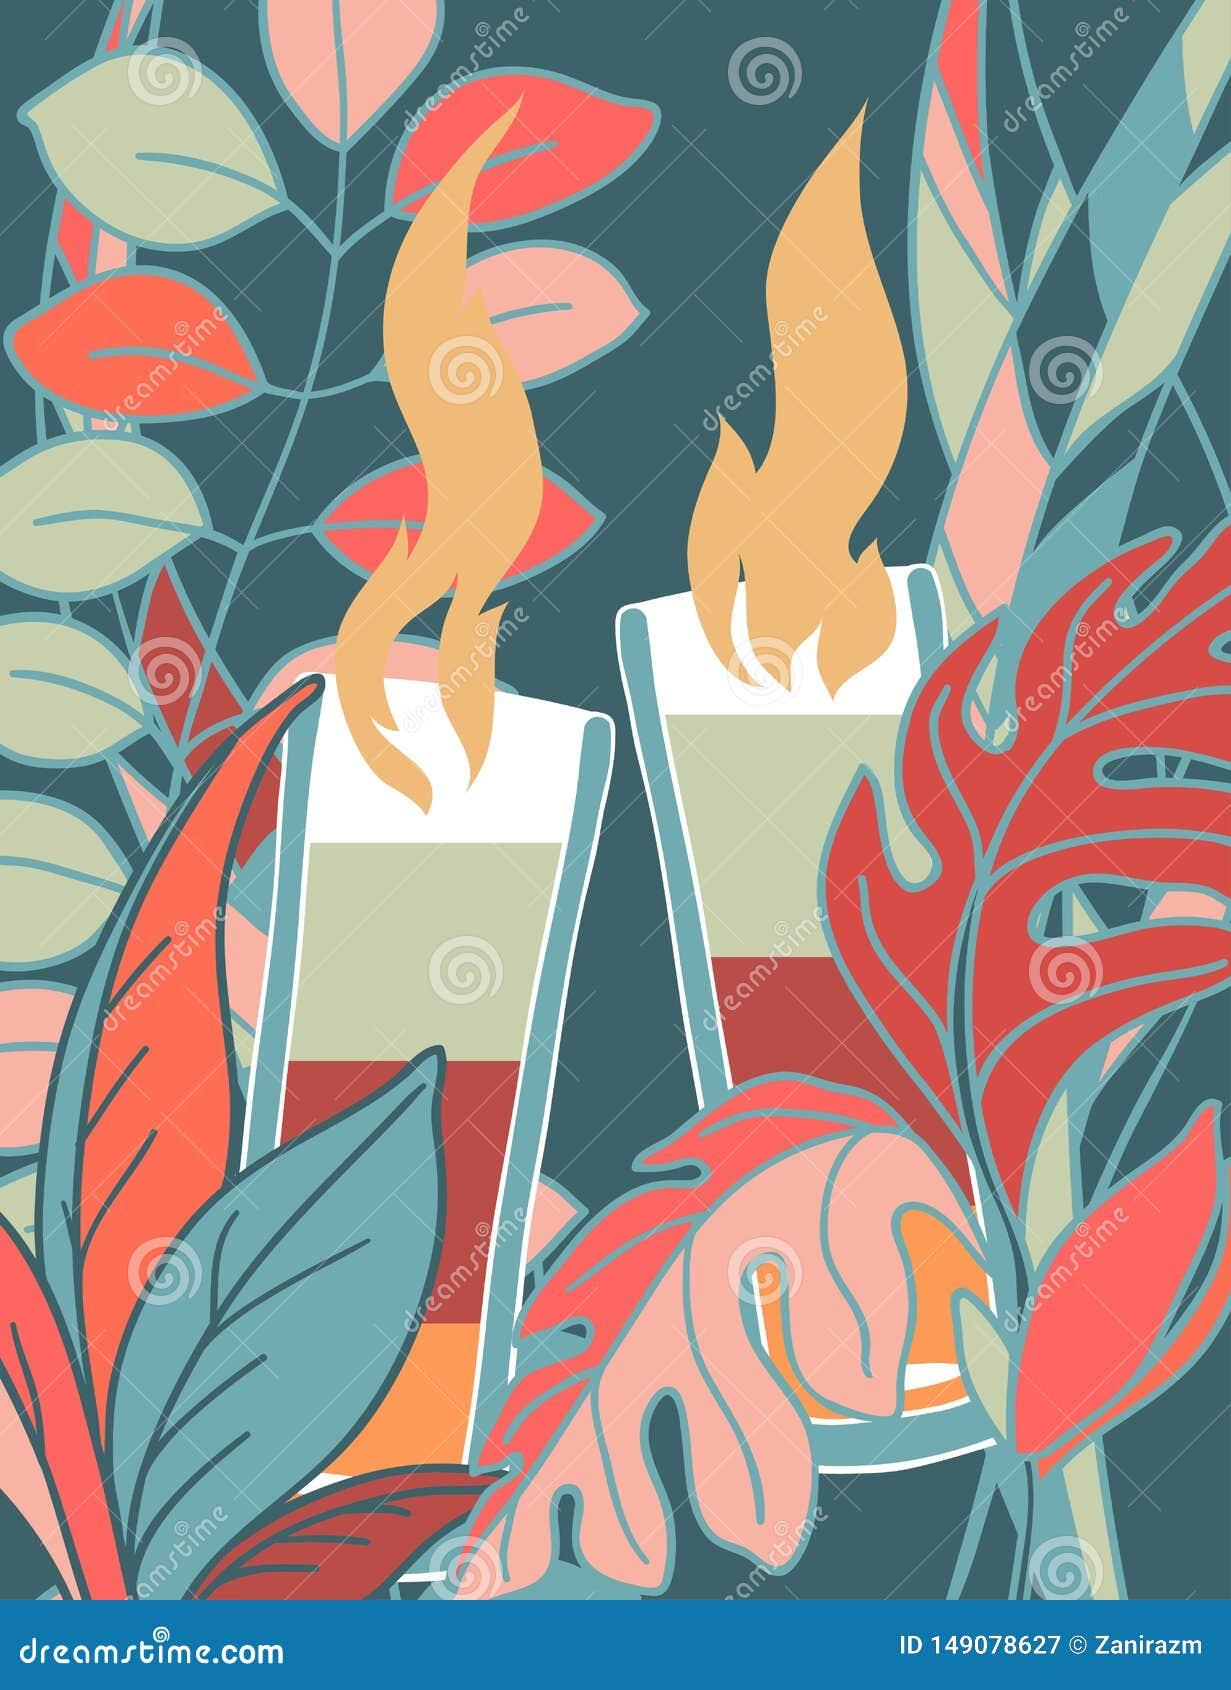 Μια αφίσα με μια εικόνα του κοκτέιλ και το χρώμα των εγκαταστάσεων γύρω